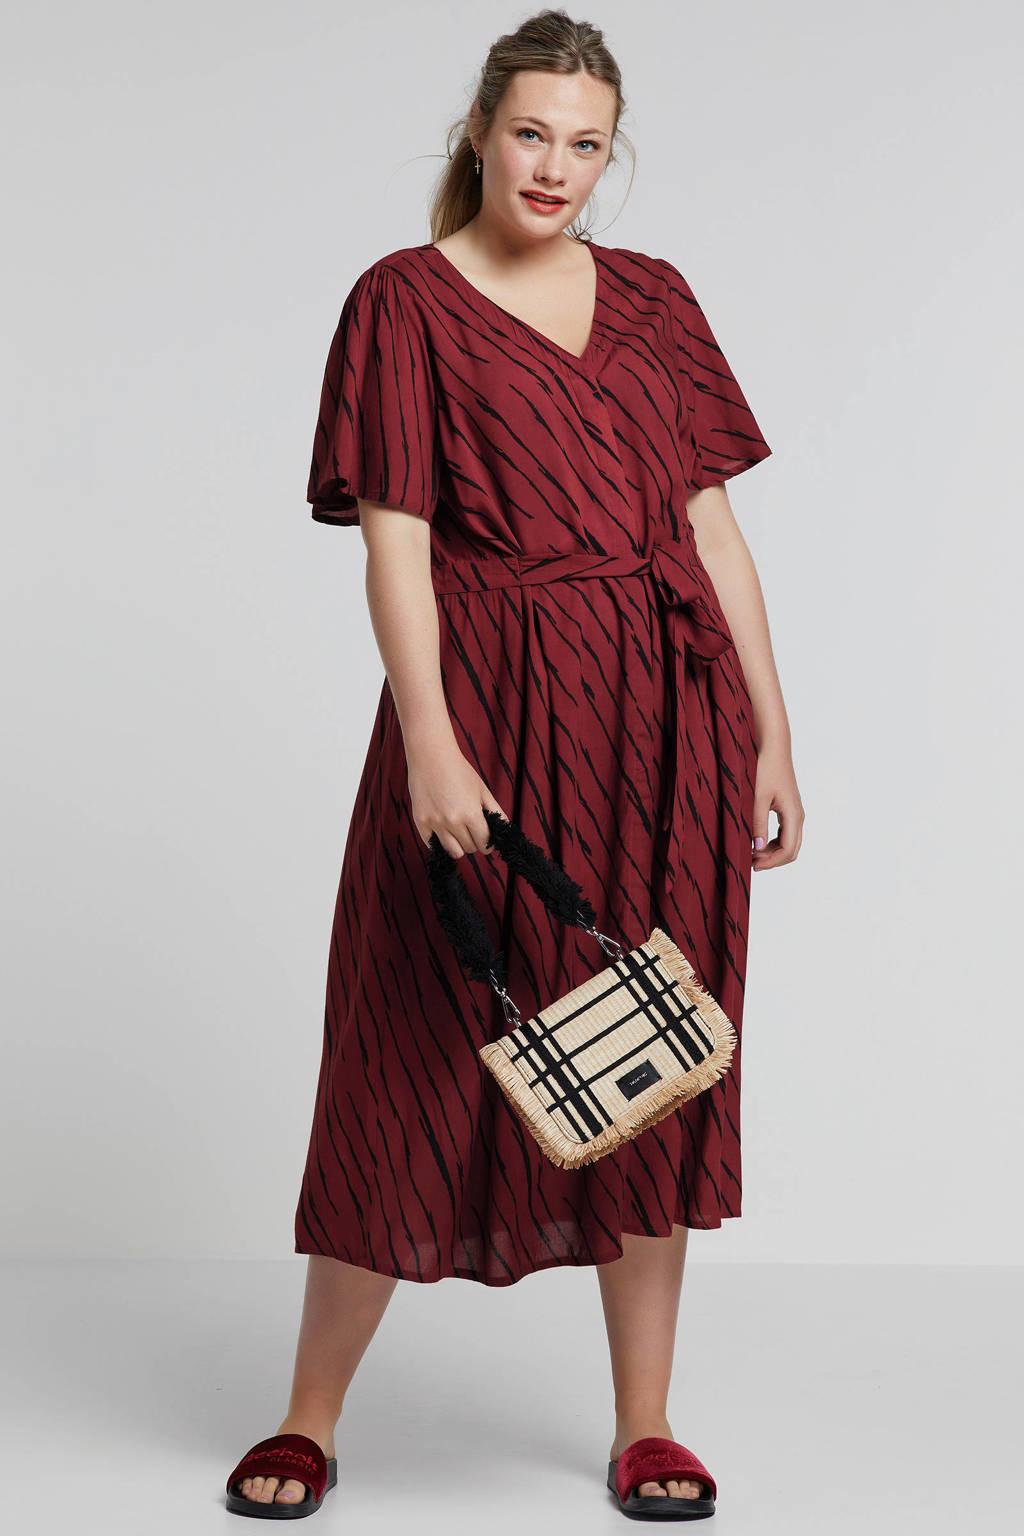 whkmp's great looks doorknoop jurk in zebraprint, Brique/zwart